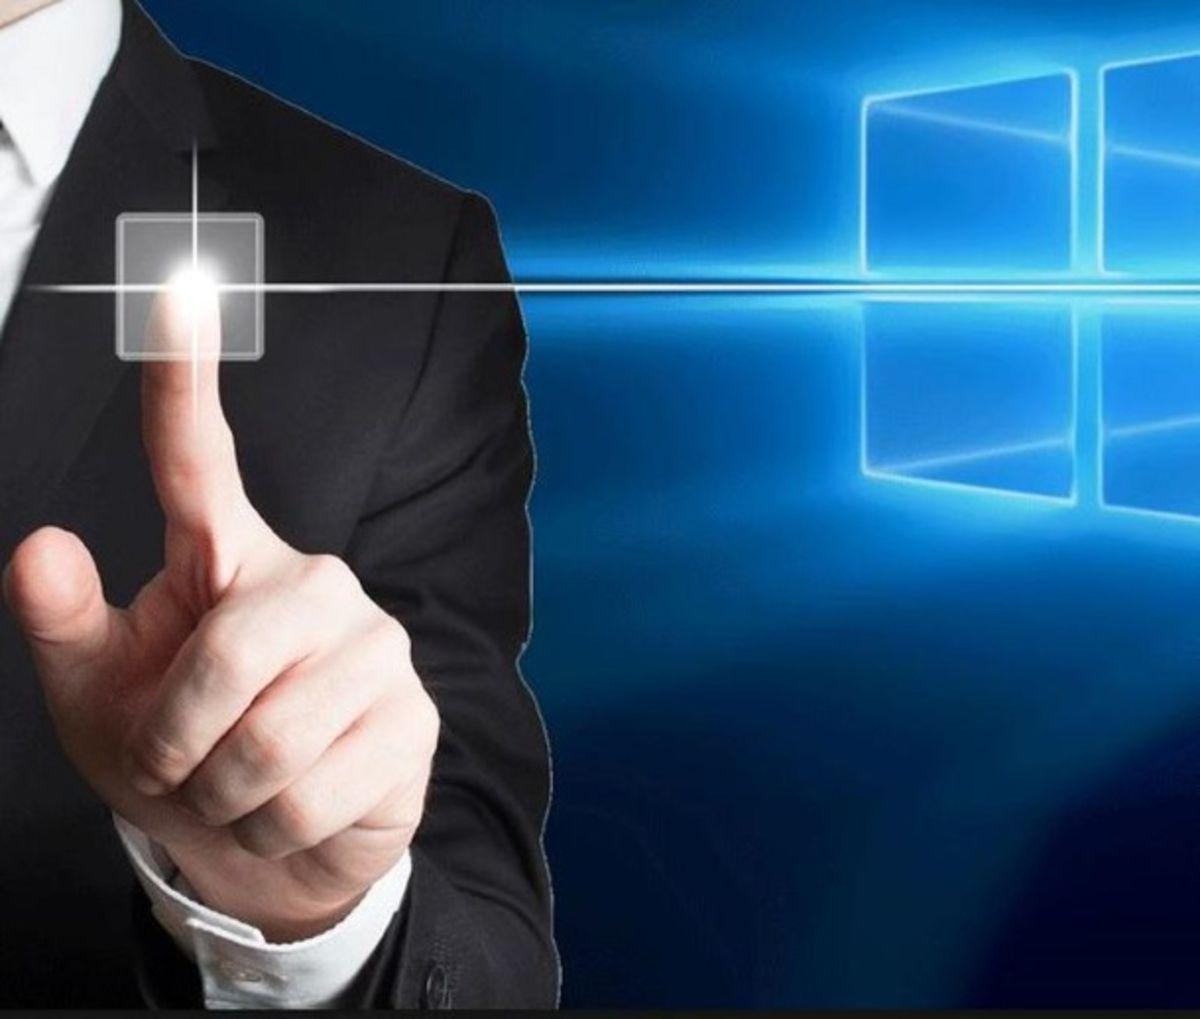 Windows10: Enfin une version 64bits pour l'application de synchronisation OneDrive